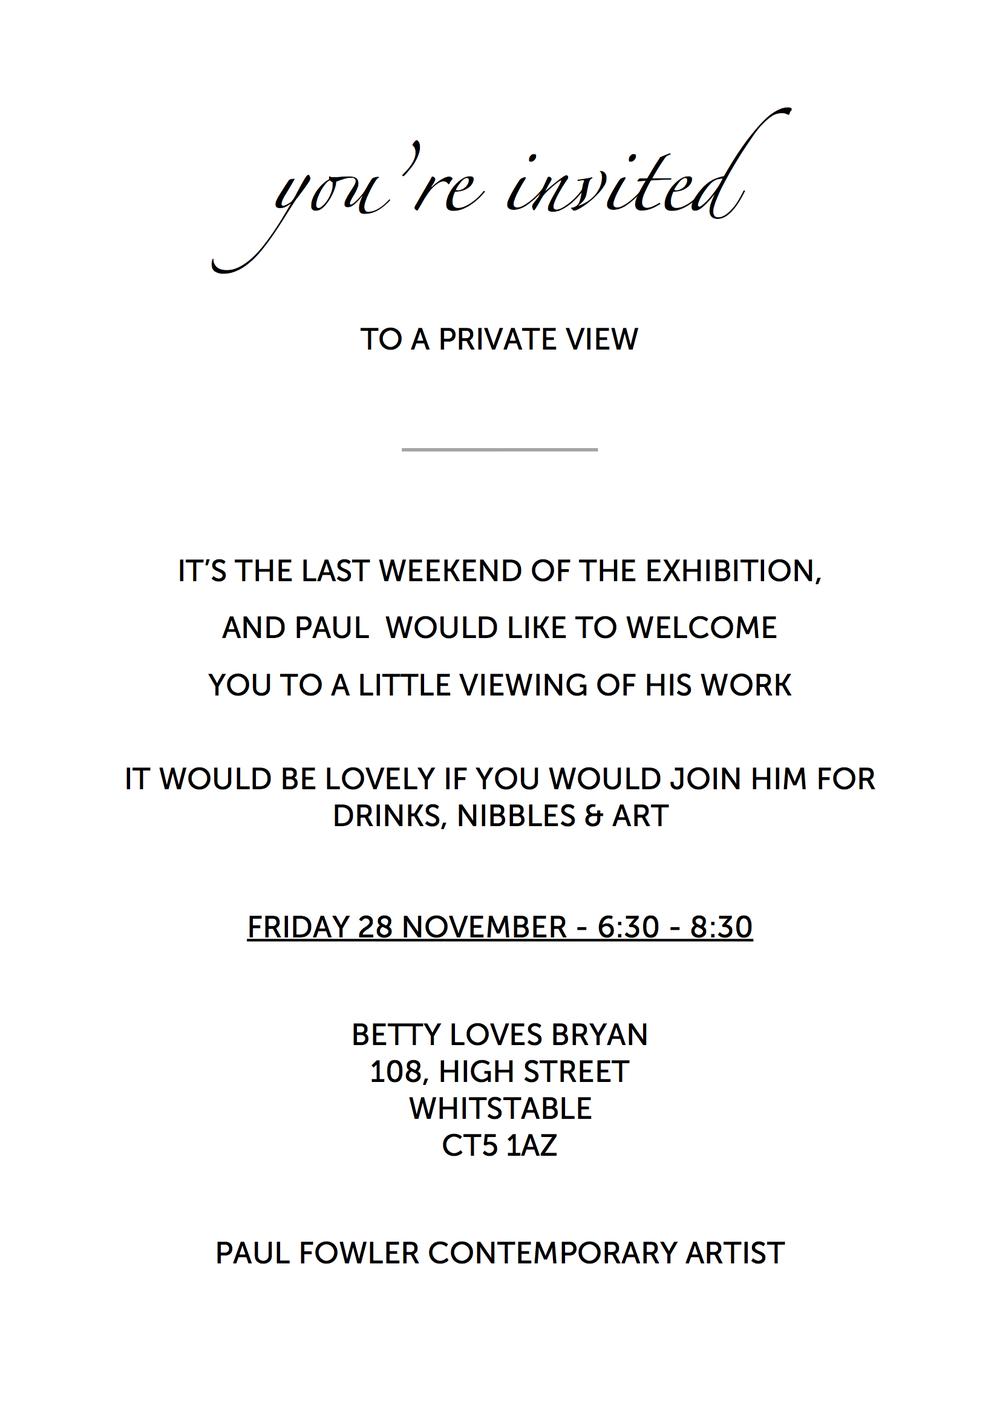 Private View Invite